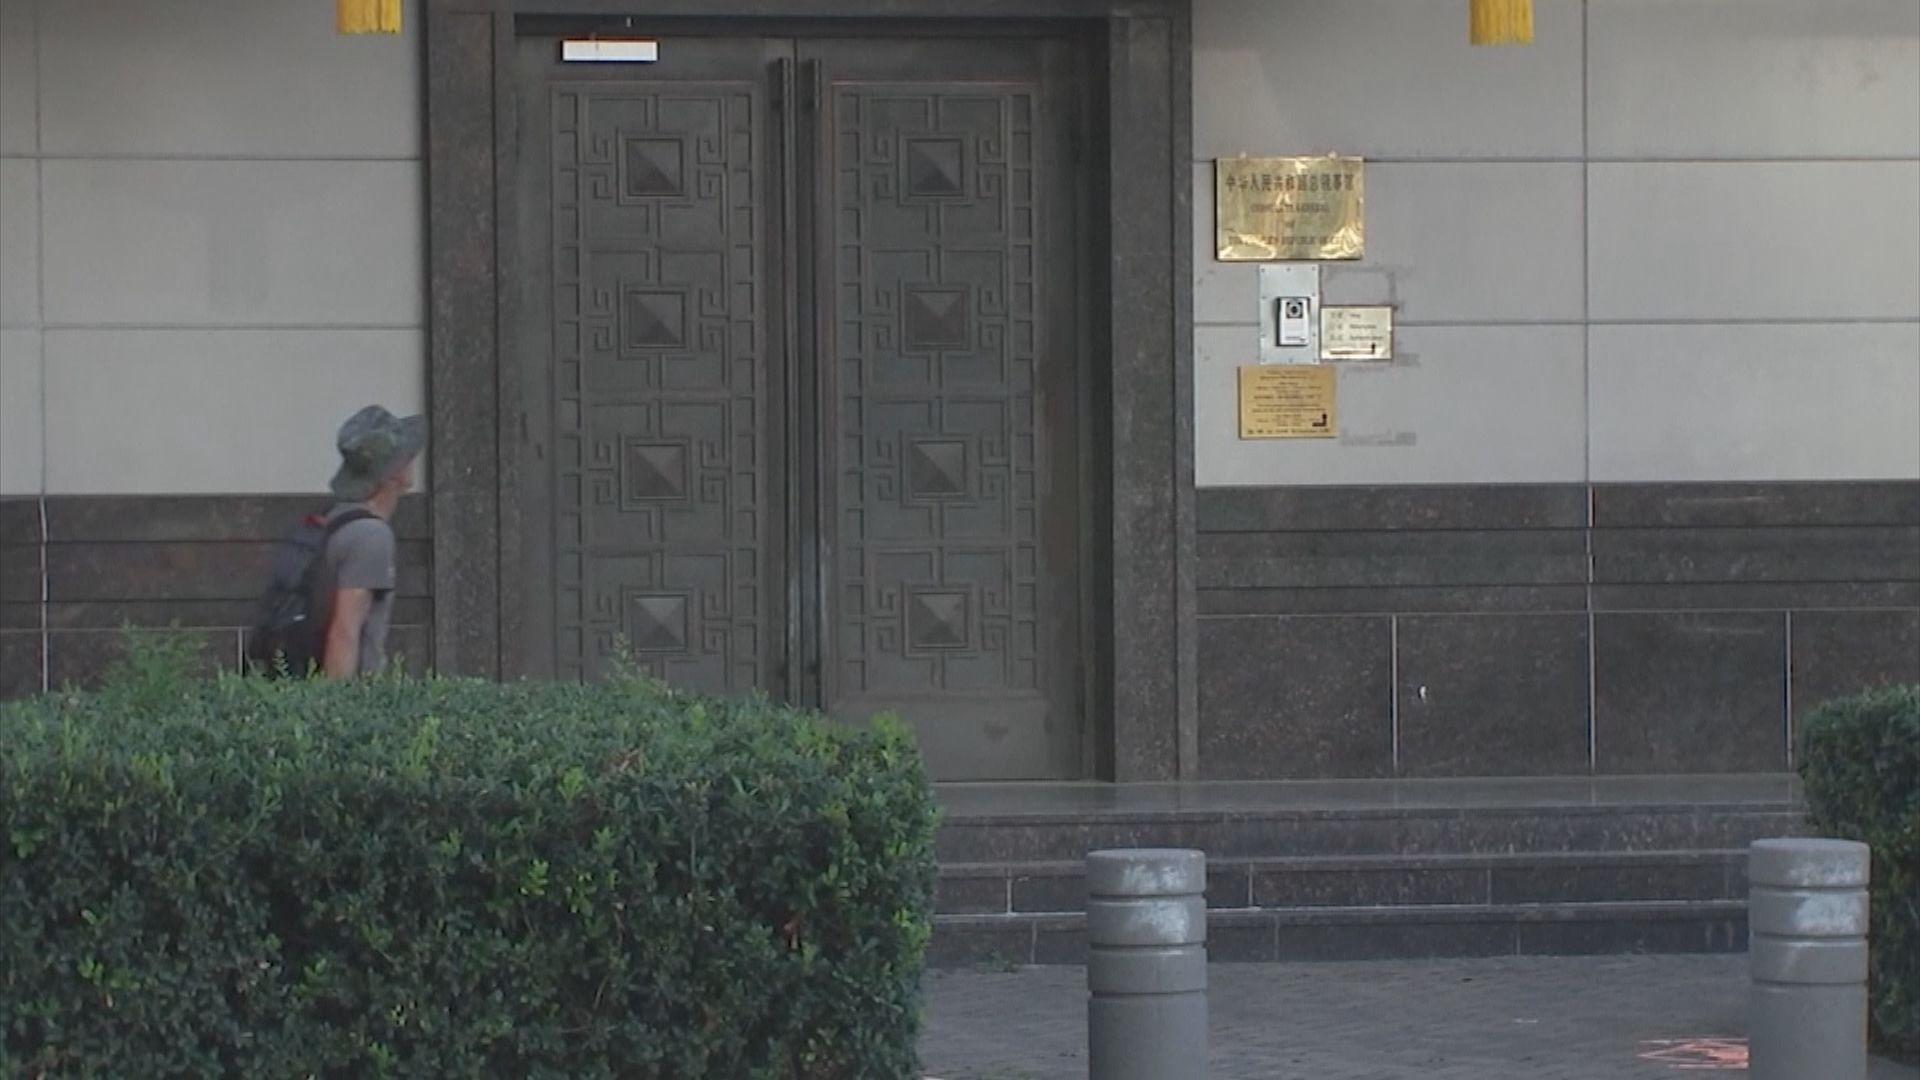 美國指控休斯敦總領事近期曾使用偽造文件 中方否認